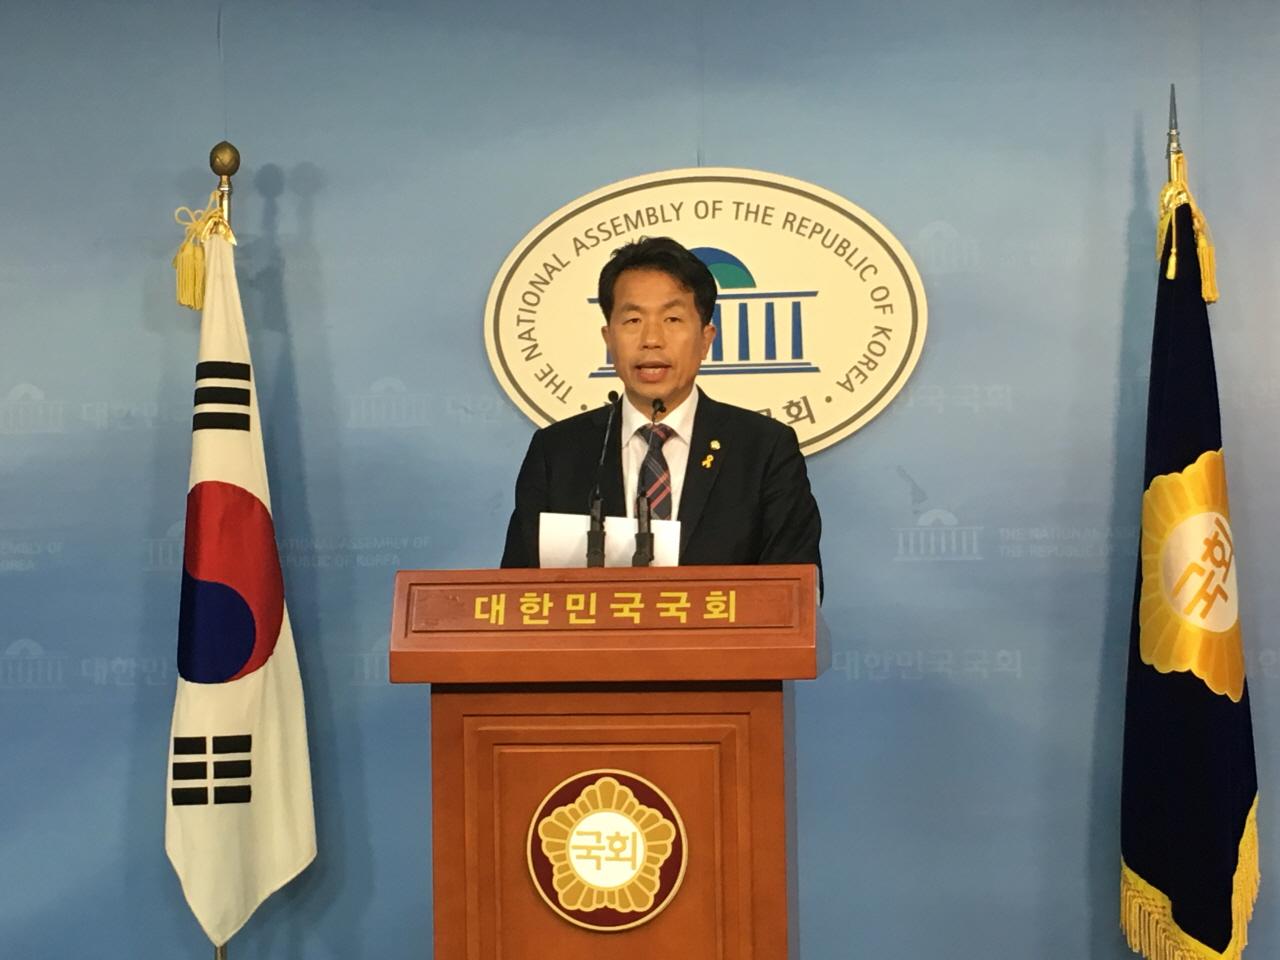 무소속 윤종오 의원(울산 북구)이 9일 오후 2시 40분 국회 정론관에서 '1월 임시국회는 박근혜정권 적폐청산' 이라는 주제의 기자회견을 열고 있다